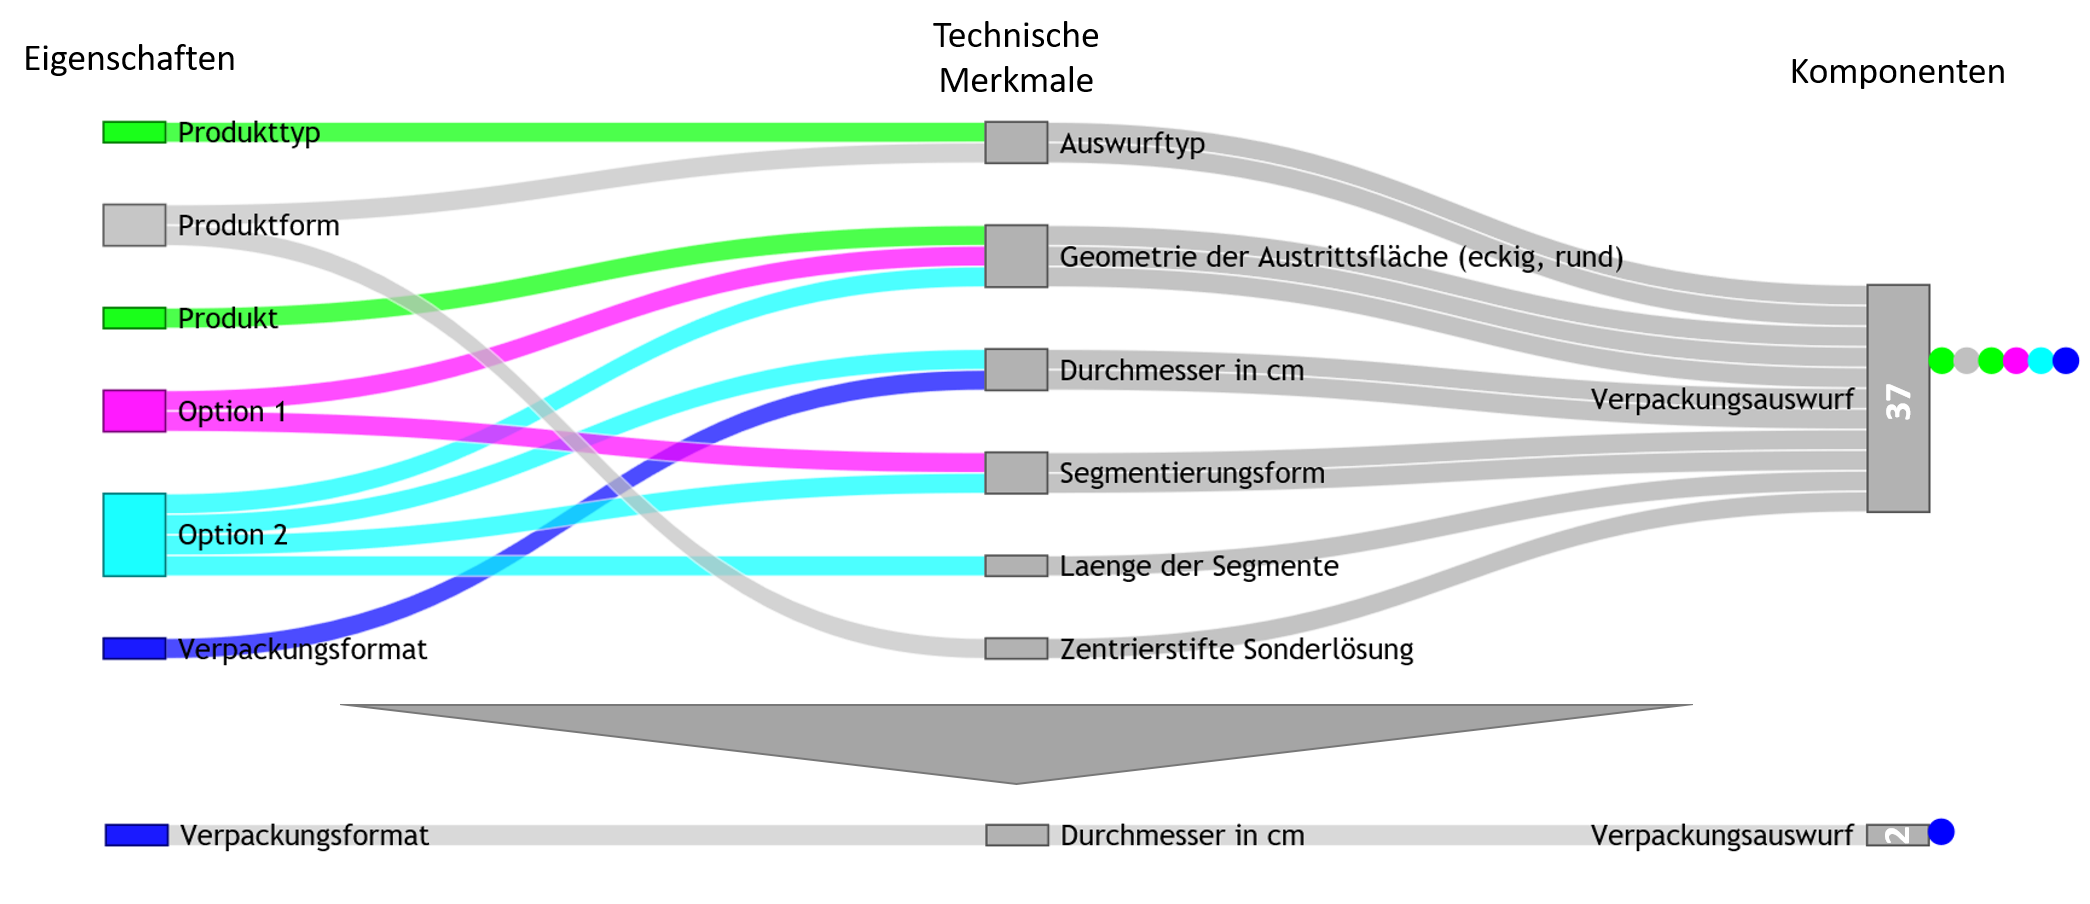 Varianzanalysediagramm_modulularer_baukasten_vorher.png